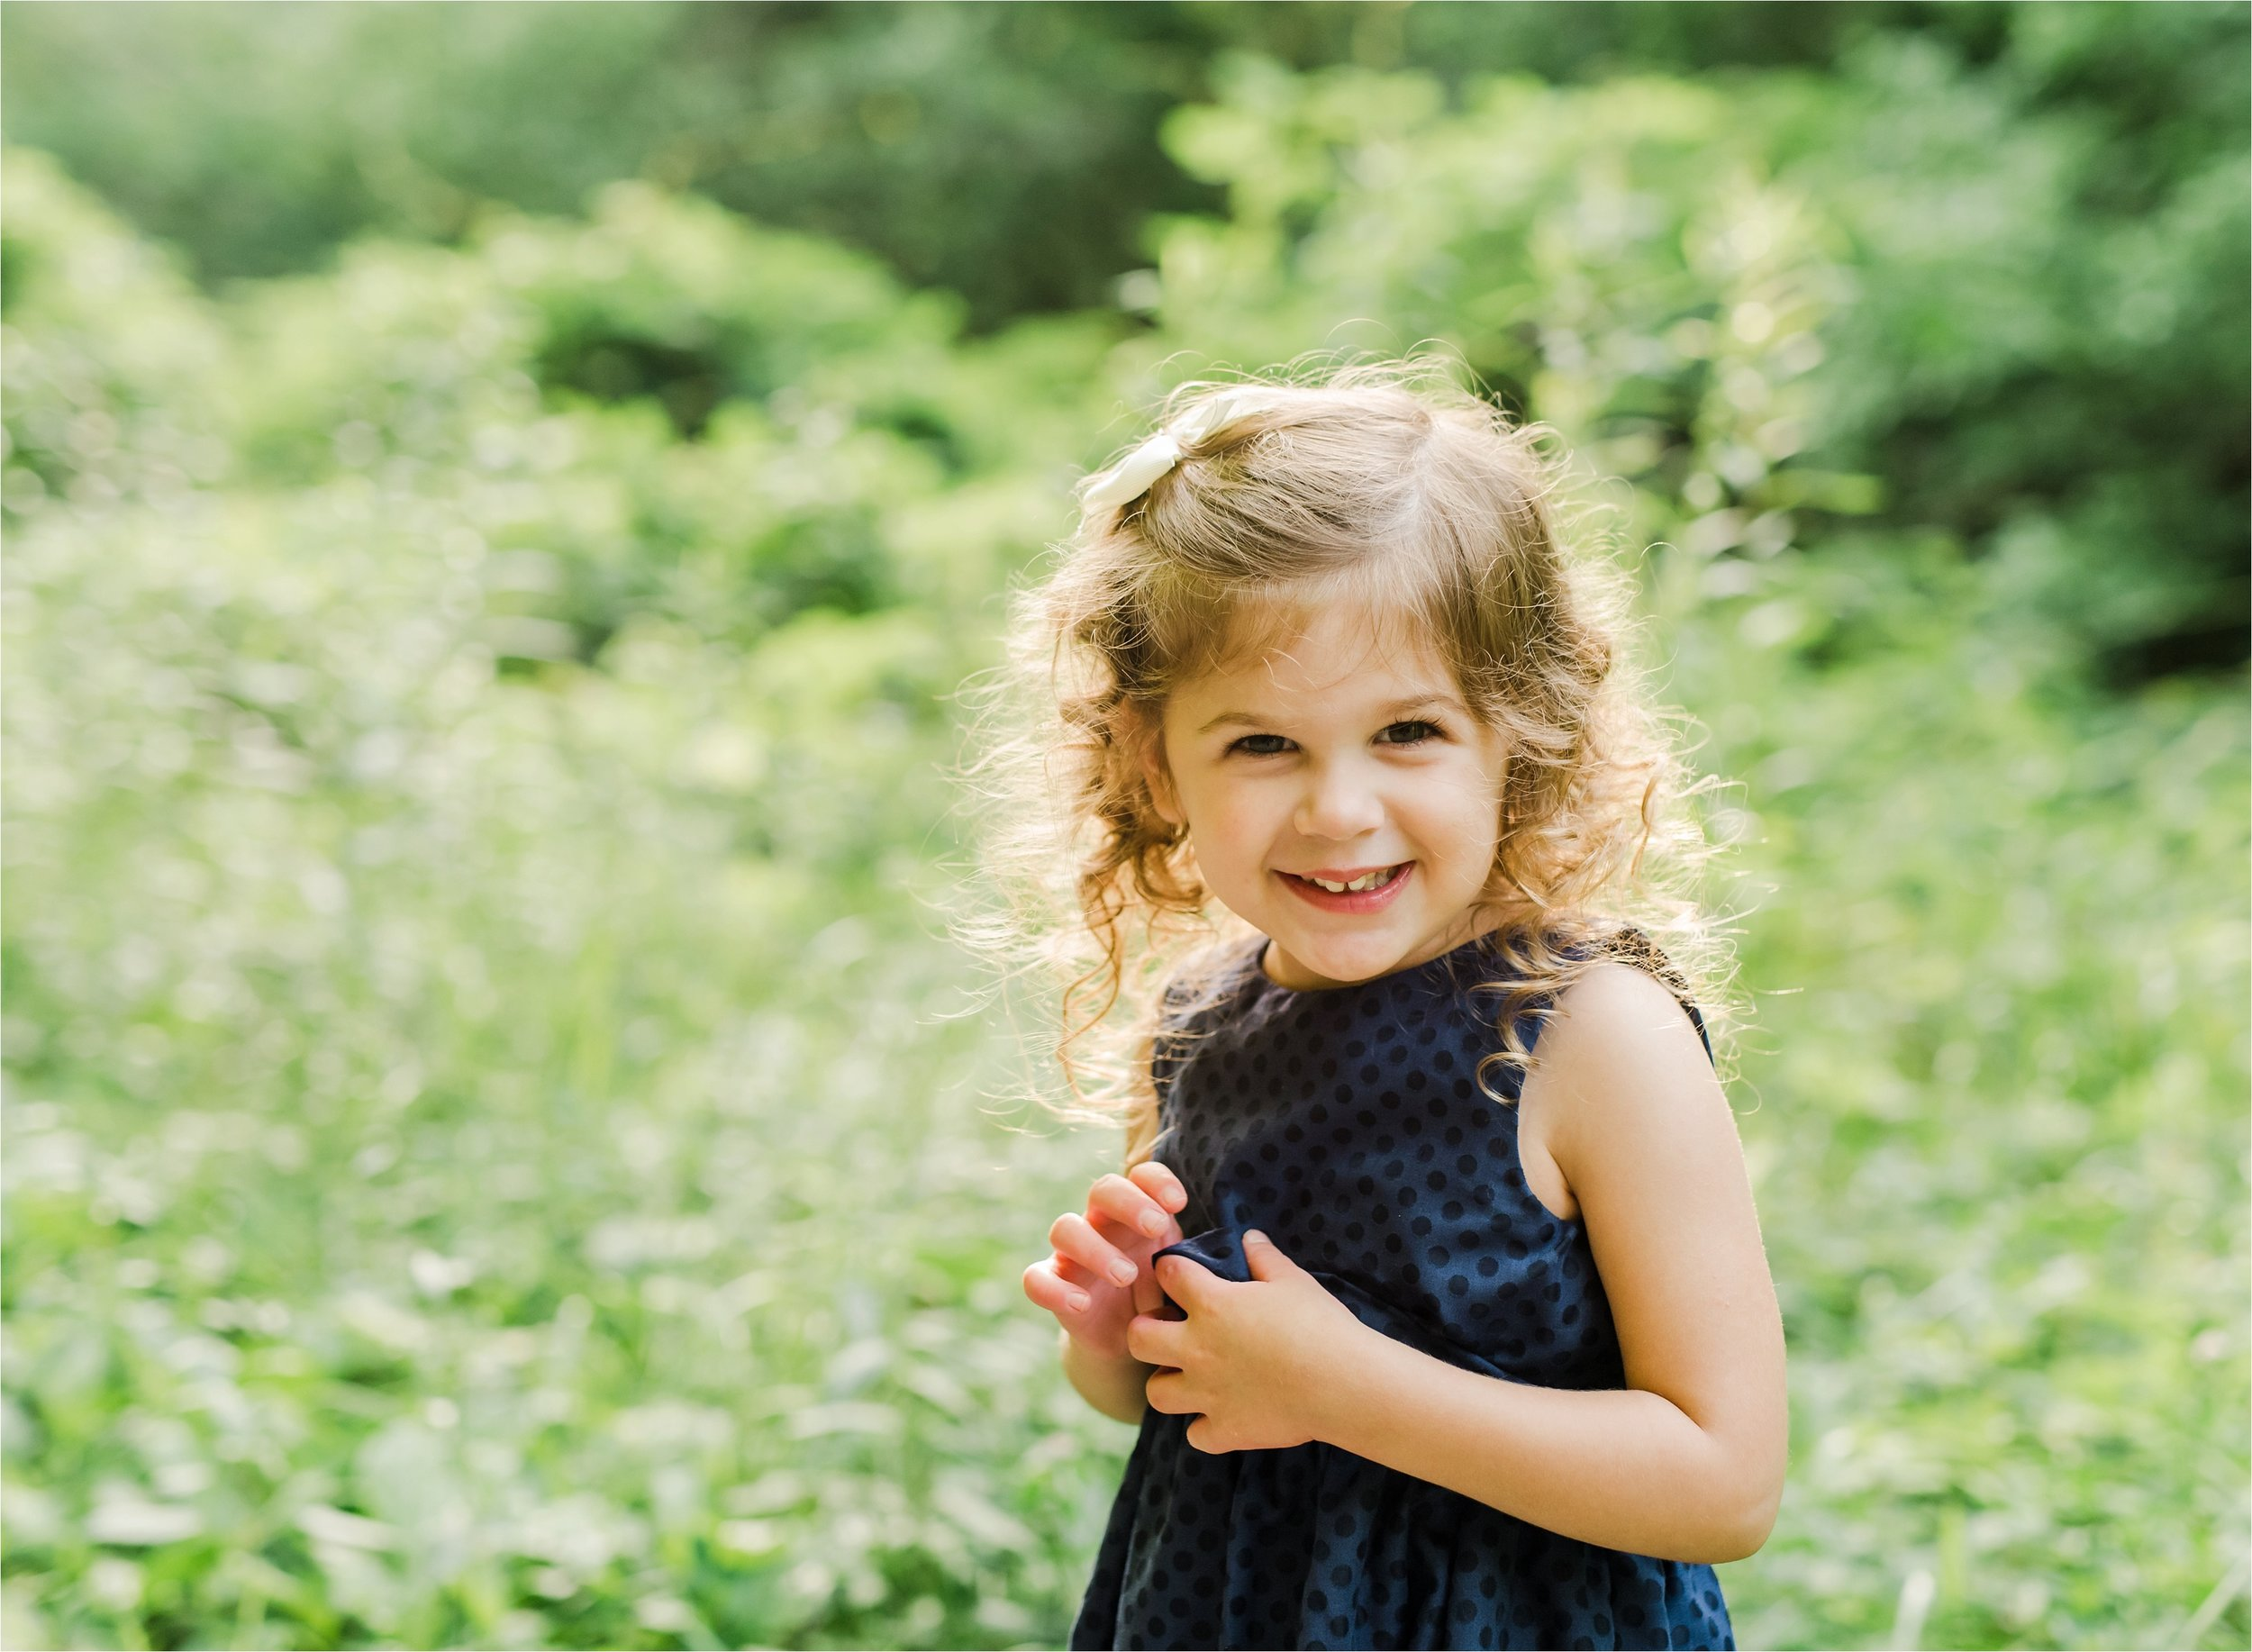 Rachel-Bond-Birmingham-AL-Family-Photographer_0002.jpg